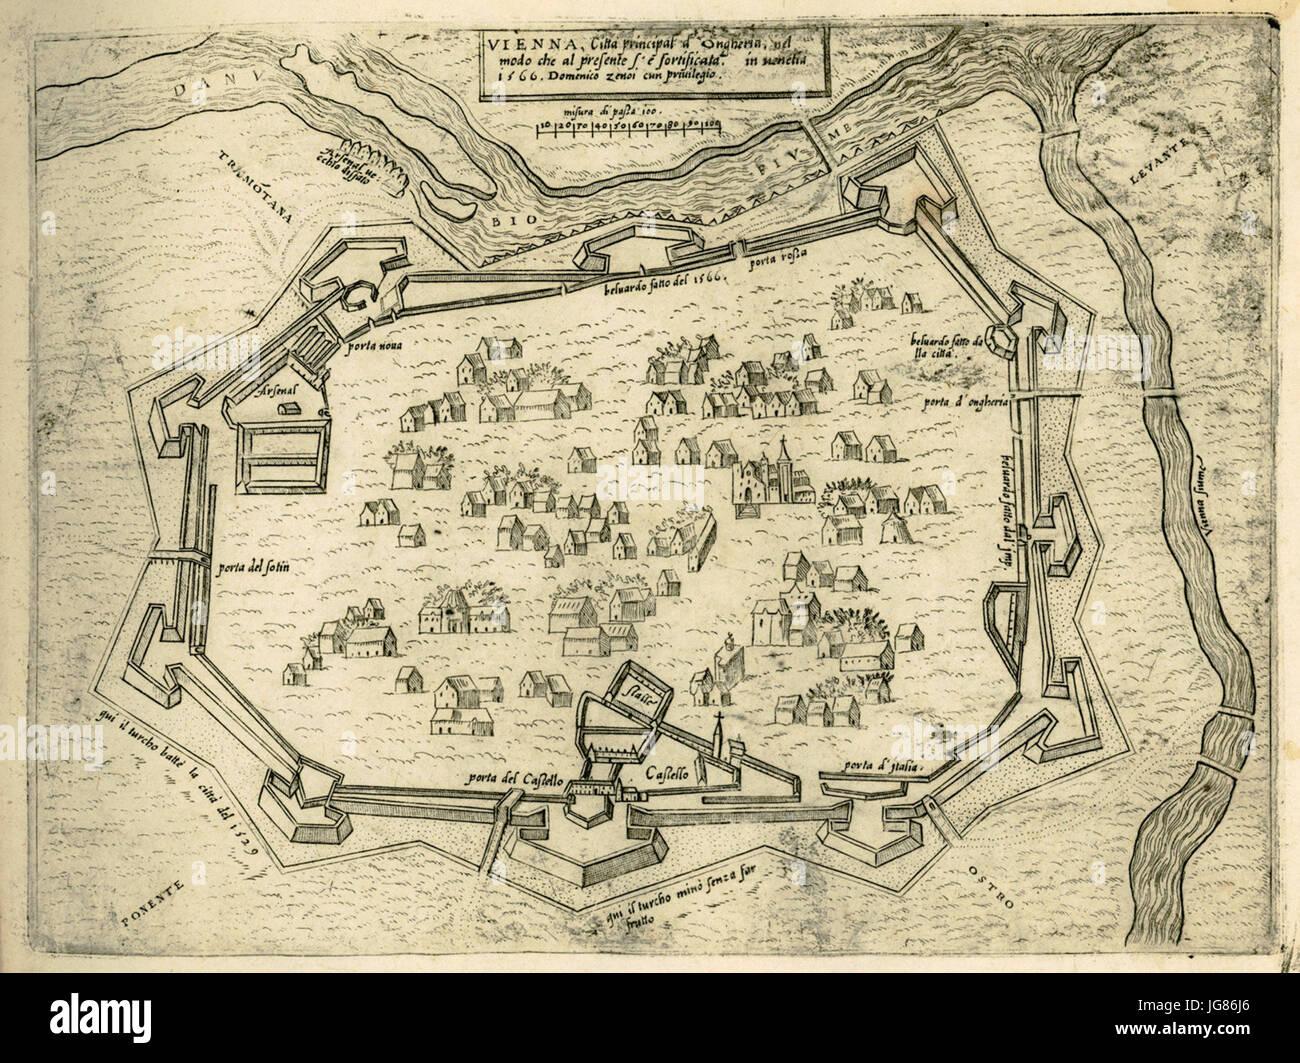 VIENNA, Città principal d' Ongheria, in modo che al presetne é fortificata - Camocio Giovanni Francesco - 1574 Stock Photo